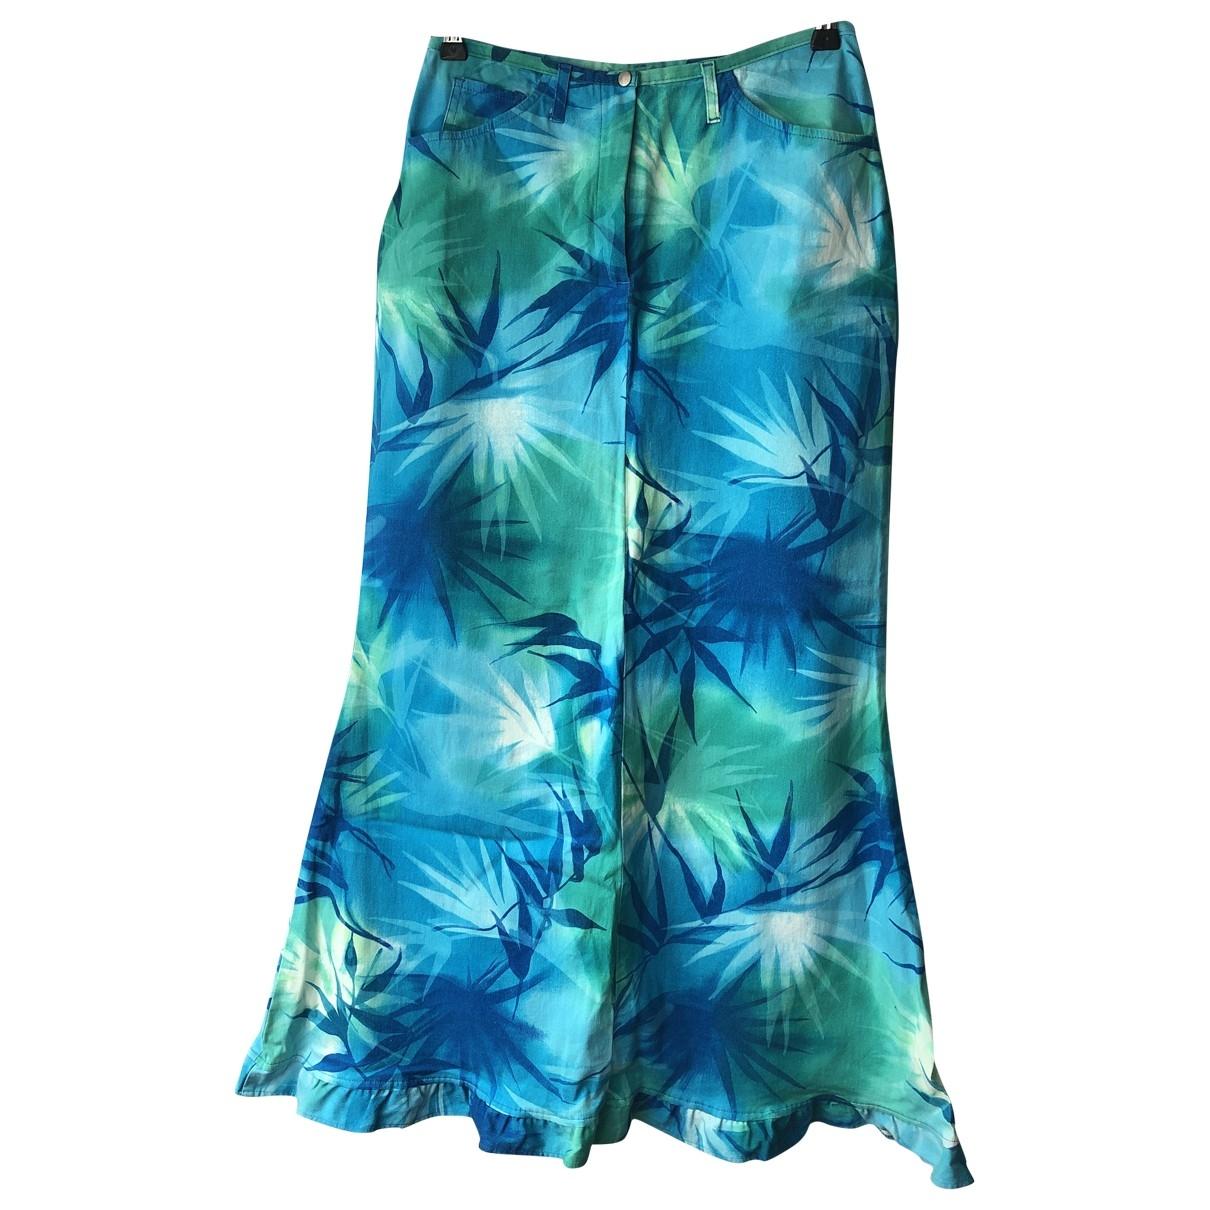 Elegance Paris - Jupe   pour femme en coton - elasthane - turquoise